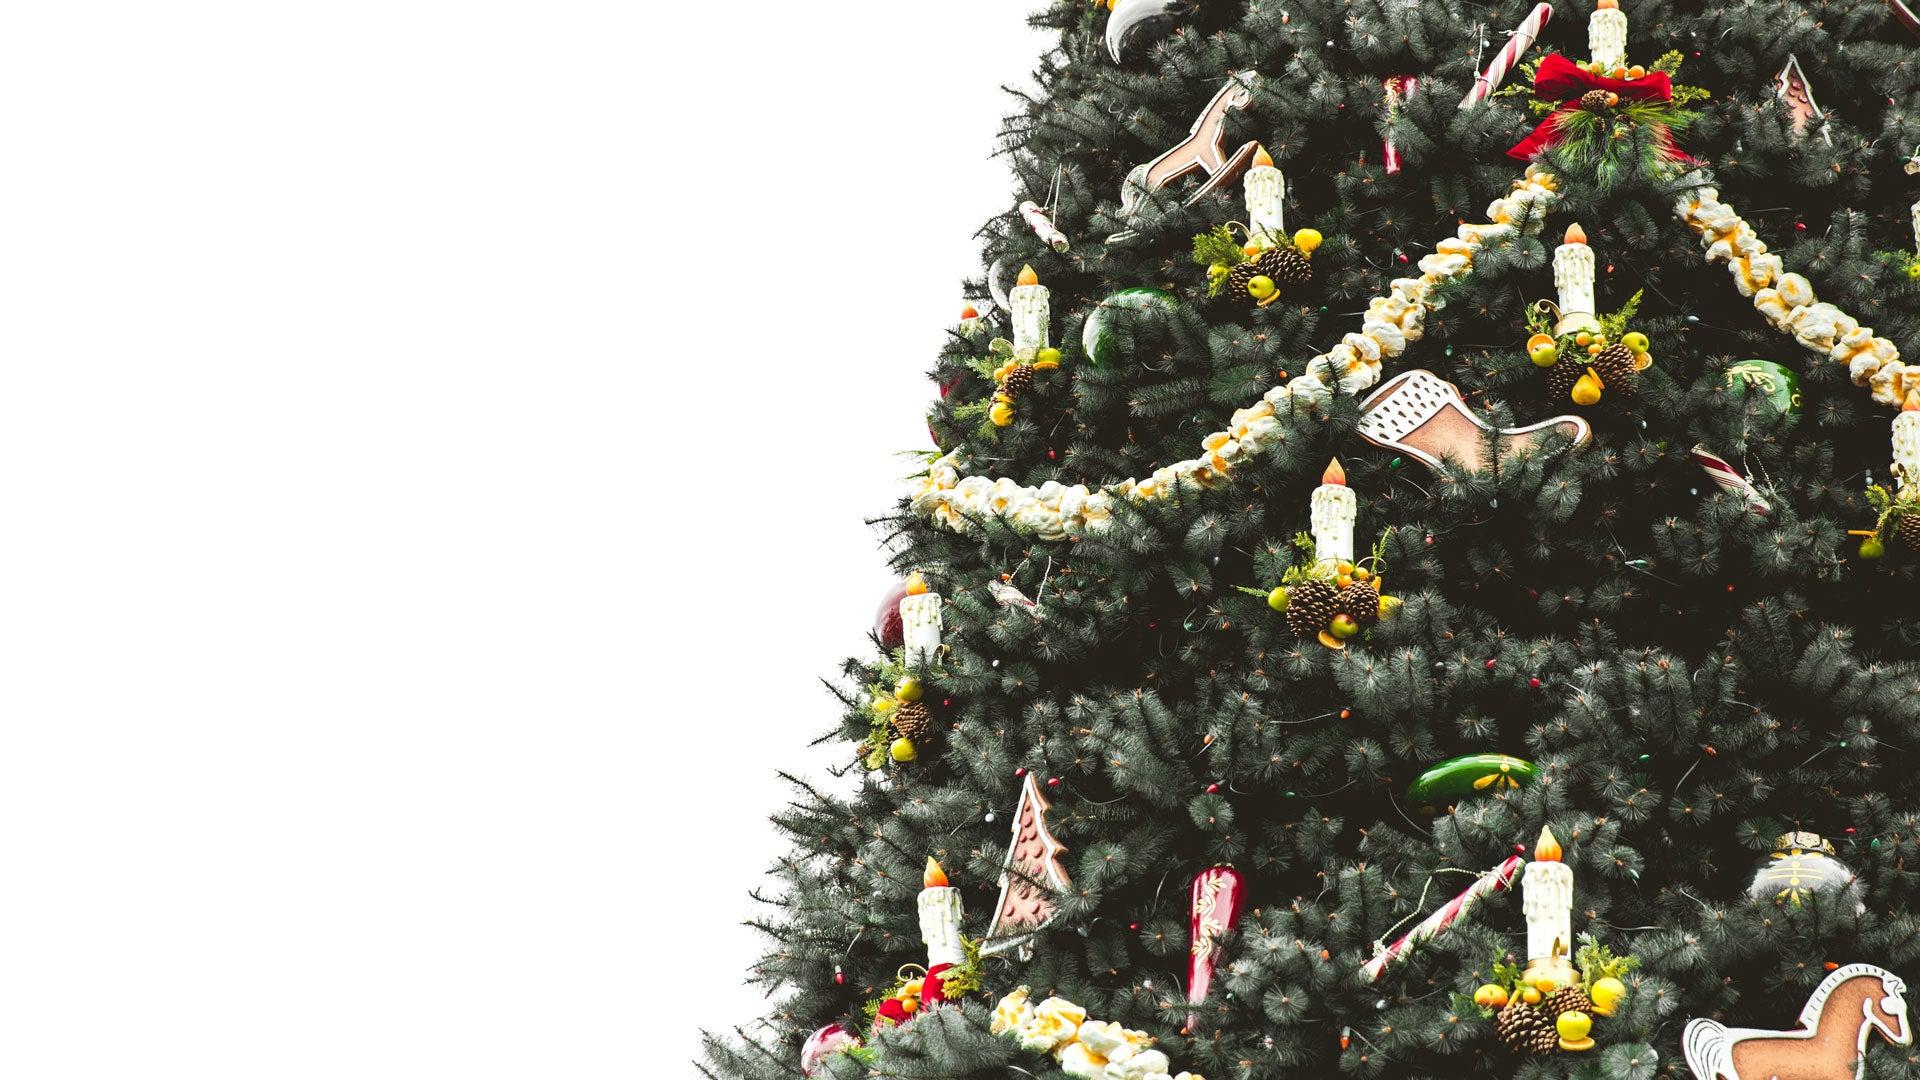 PHOTOS Les plus beaux sapins de Noël à travers le monde